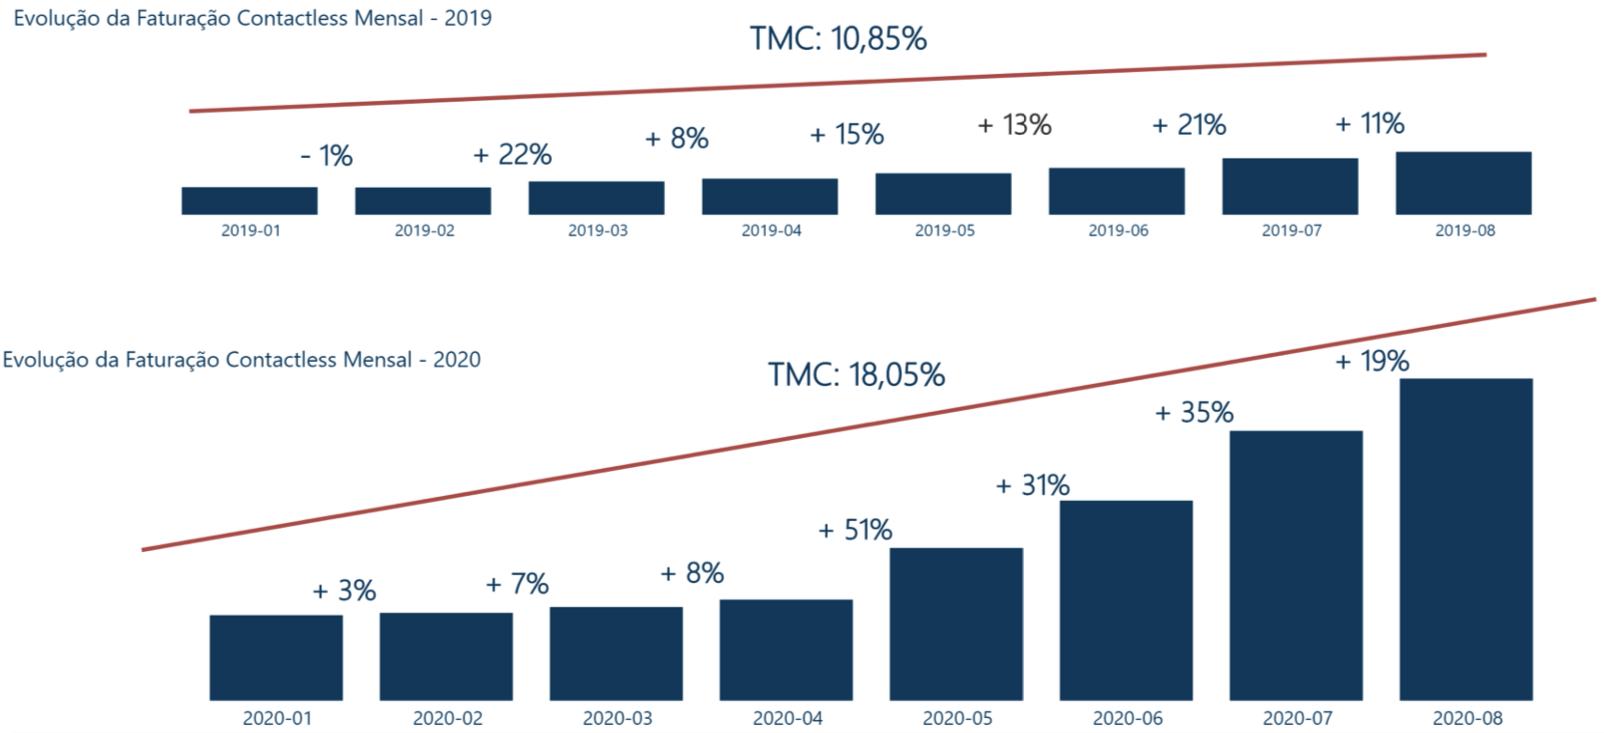 Evolução da Faturação Contactless 2020/2019 - Variação Mensal e Taxa Média de Crescimento (TMC)